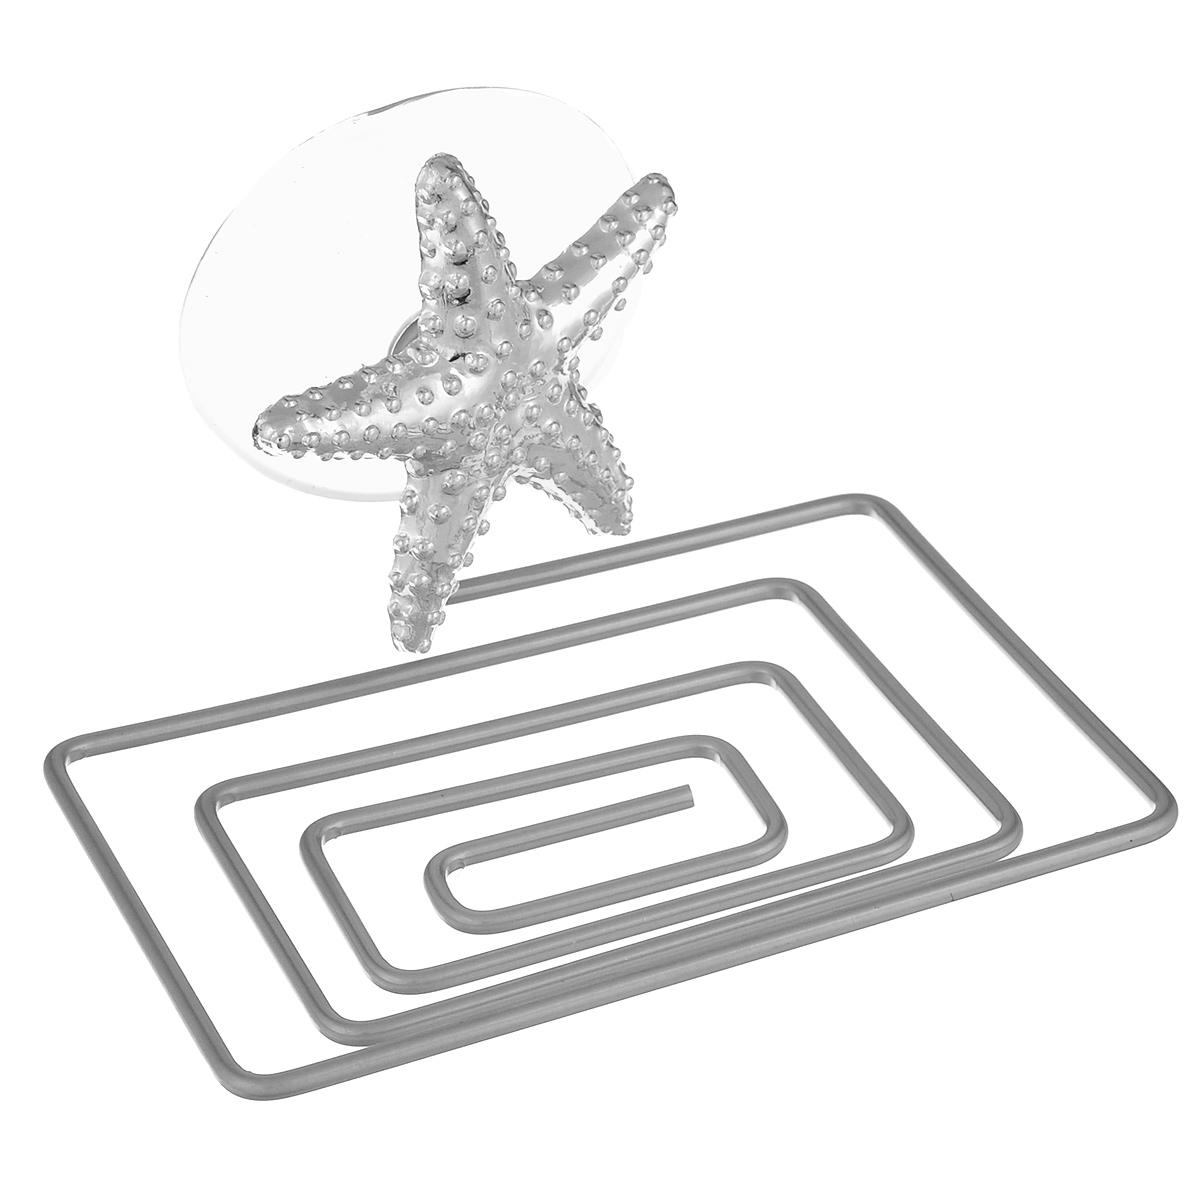 Мыльница Home Queen Морская звезда, цвет: серебристый, 12 х 9 х 9 см56442_морская звездаМыльница Home Queen Морская звезда выполнена из хромированной стали и украшена пластиковой фигуркой. Крепится к стене при помощи присоски. Такая мыльница прекрасно подойдет для ванной комнаты или кухни.